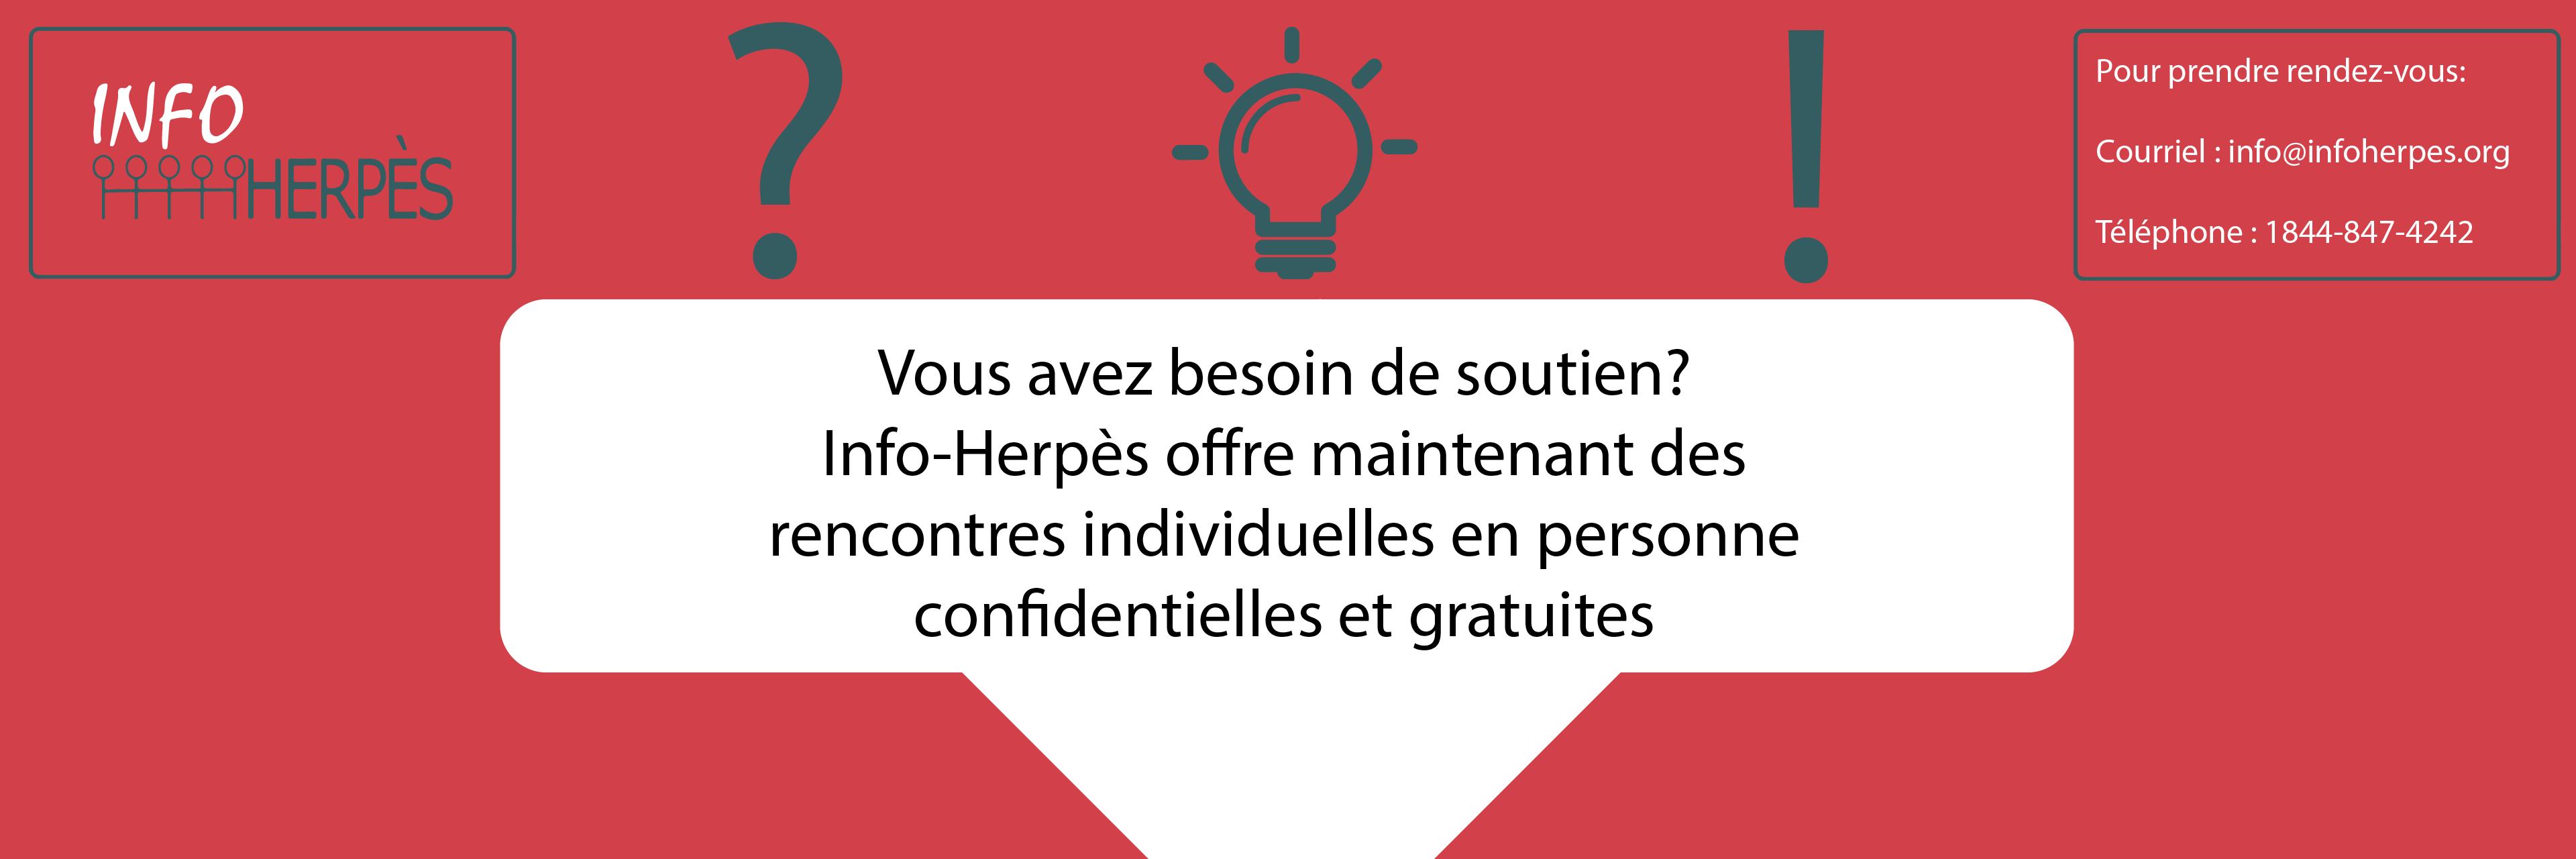 Info-Herpès offre maintenant du soutien individuel en personne!